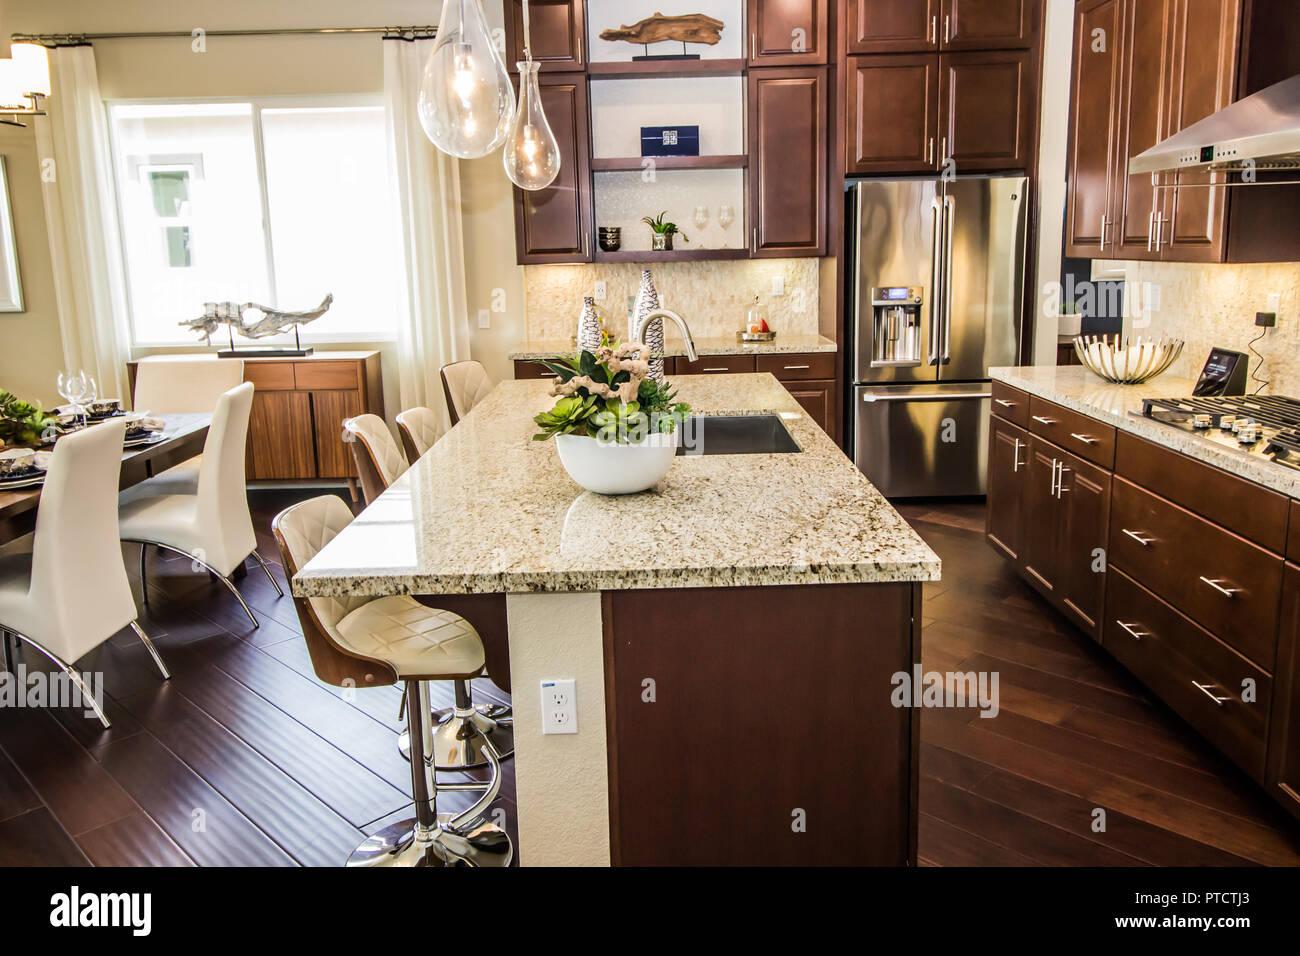 Cucina moderna con isola in marmo Banco Bar Foto & Immagine Stock ...